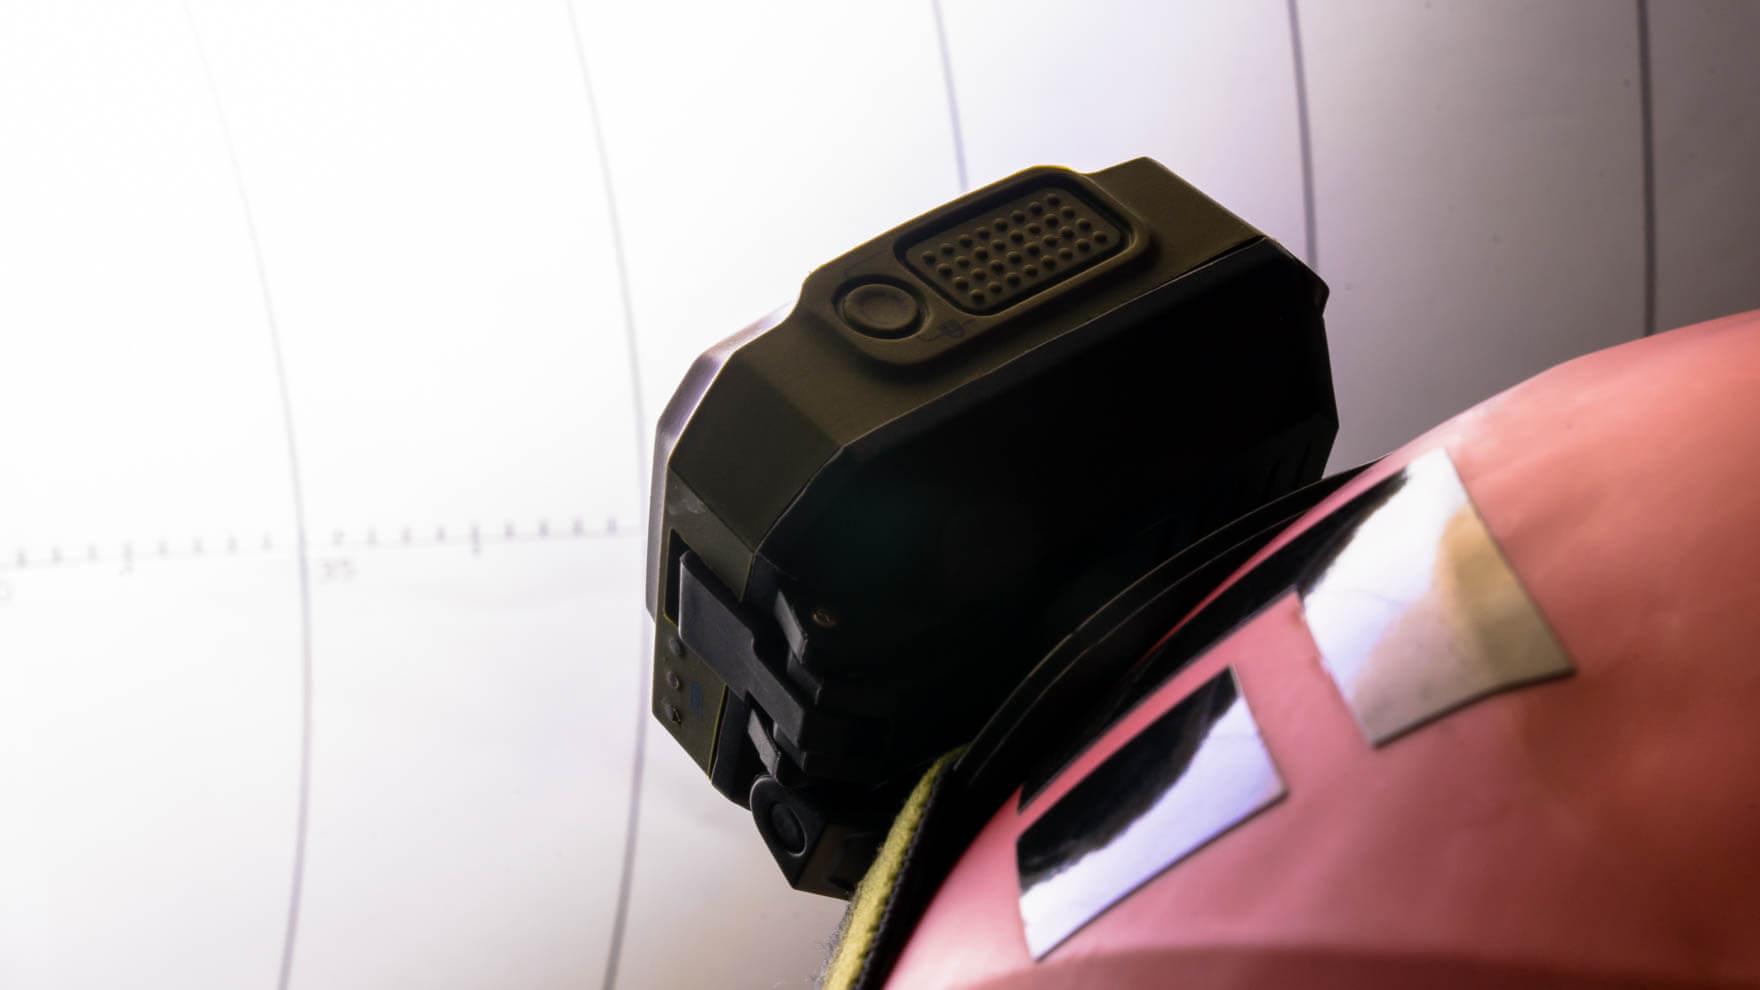 比較レビュー:究極のアウトドア向けヘッドランプを探して 2020【詳細レビュー編】